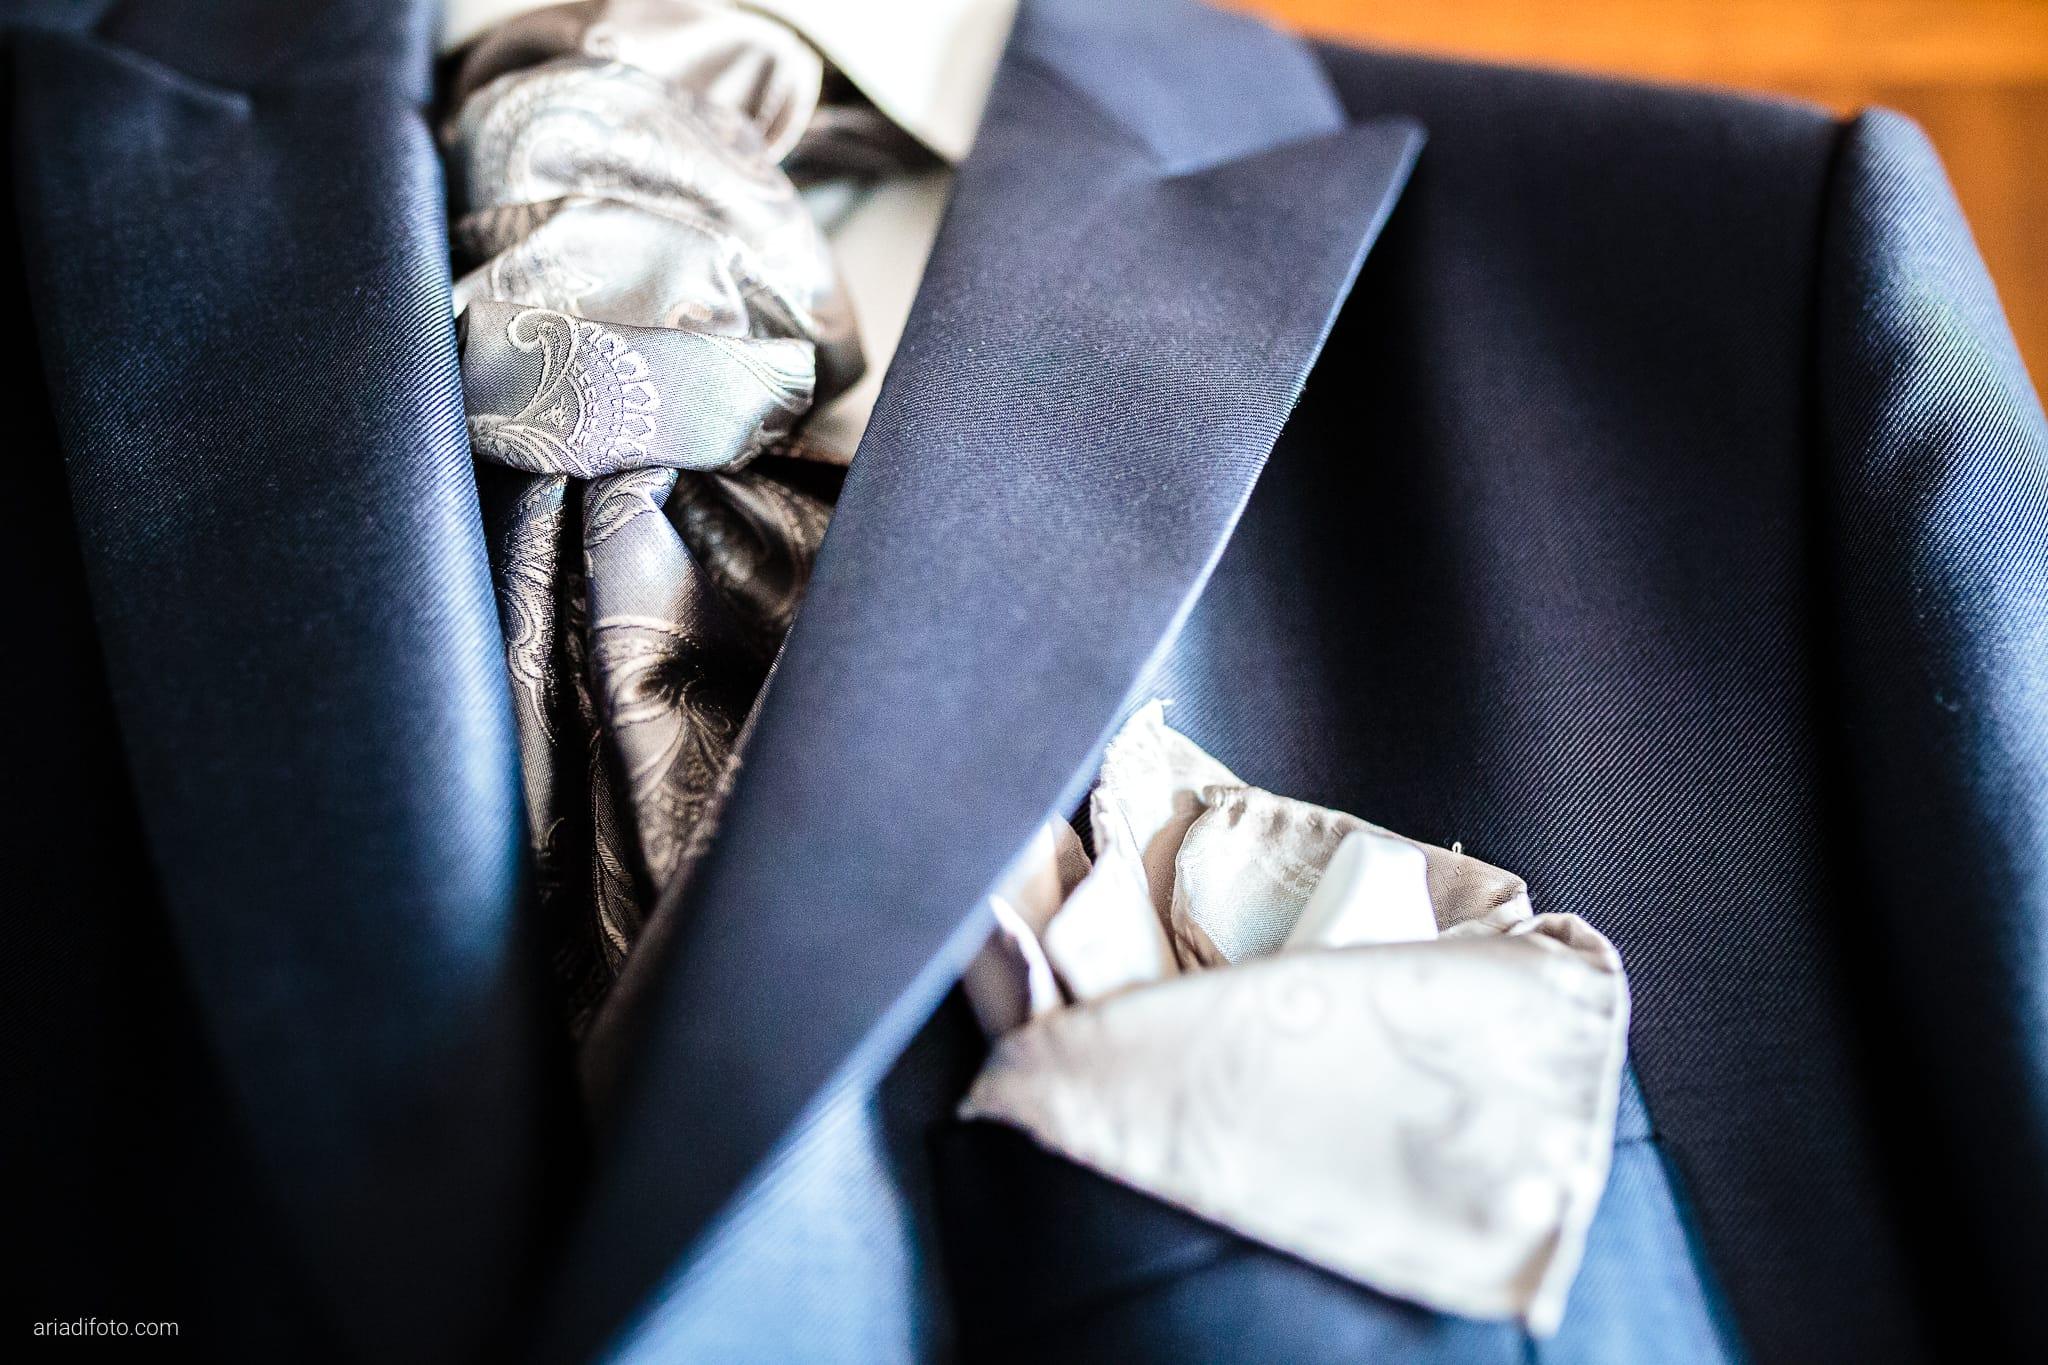 Melania Davide Matrimonio Monrupino Tavernetta Castello di Spessa Capriva Gorizia preparativi dettagli cravatta abito occhiello boutonniere